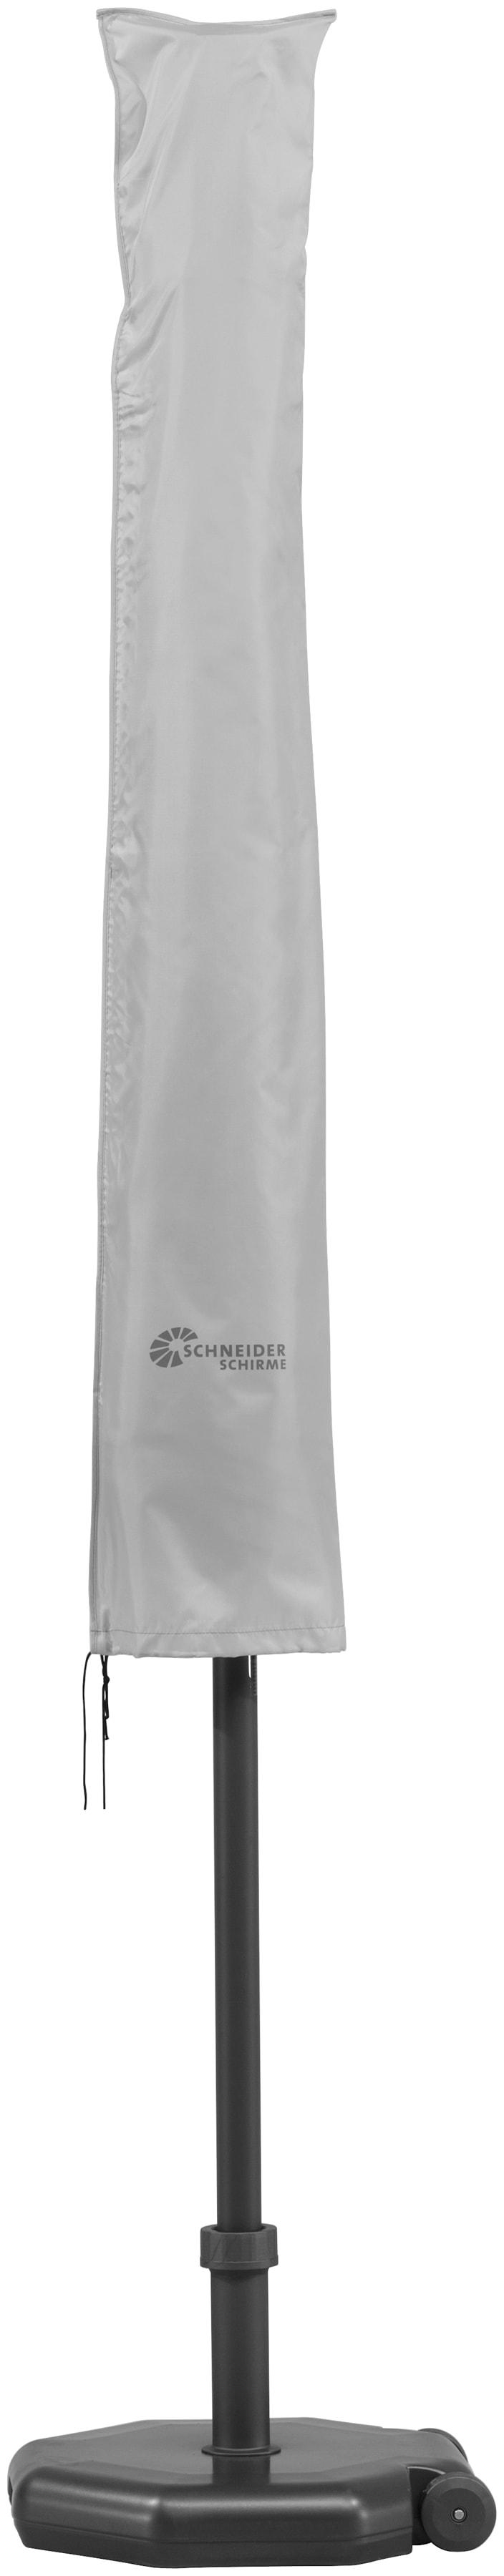 Schneider Schirme Schutzplane 821-00, für bis Ø 300 cm grau Sonnenschirme -segel Gartenmöbel Gartendeko